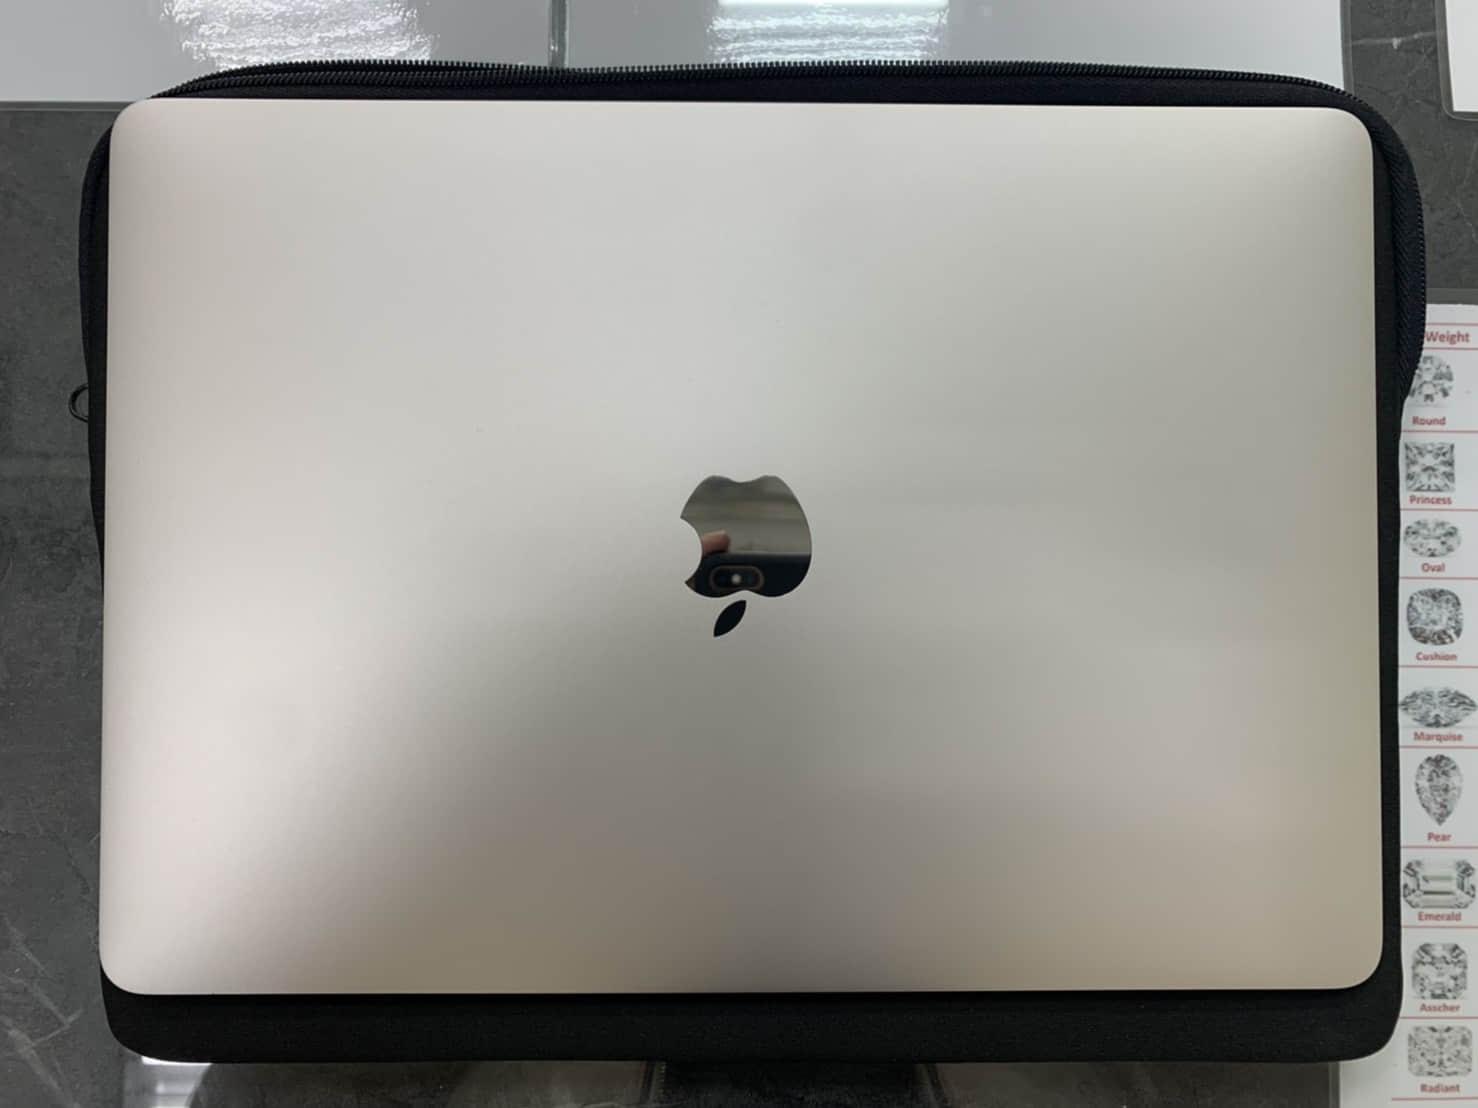 售 蘋果筆電 MacBook Pro 13吋 (A2159)2020製,極新超少使用,贈Magic Mouse 2 (蘋果滑鼠)